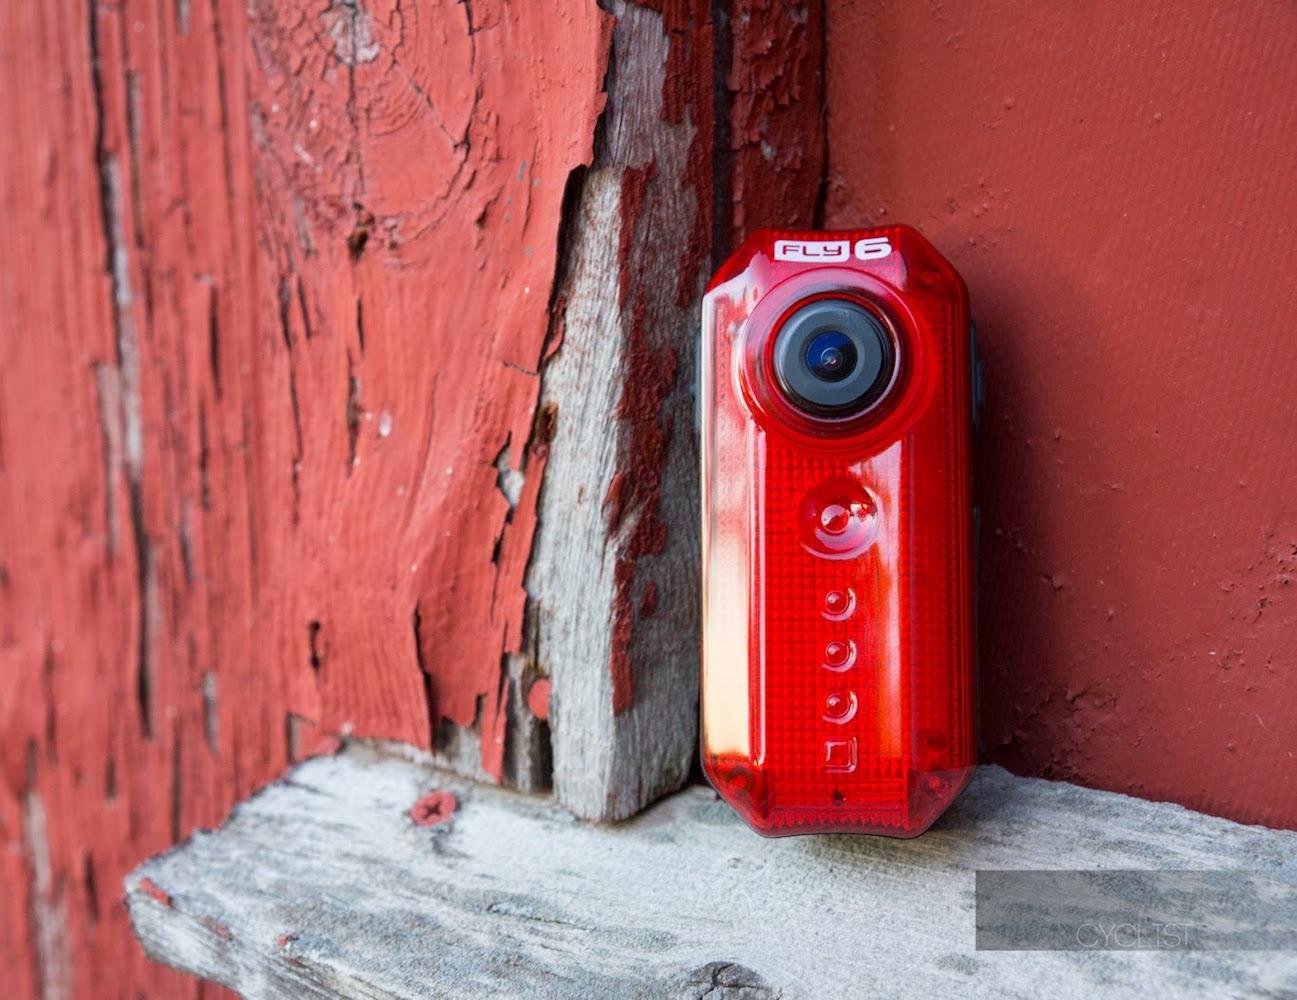 cycliq-fly-6-cycling-camera-and-rear-light-02